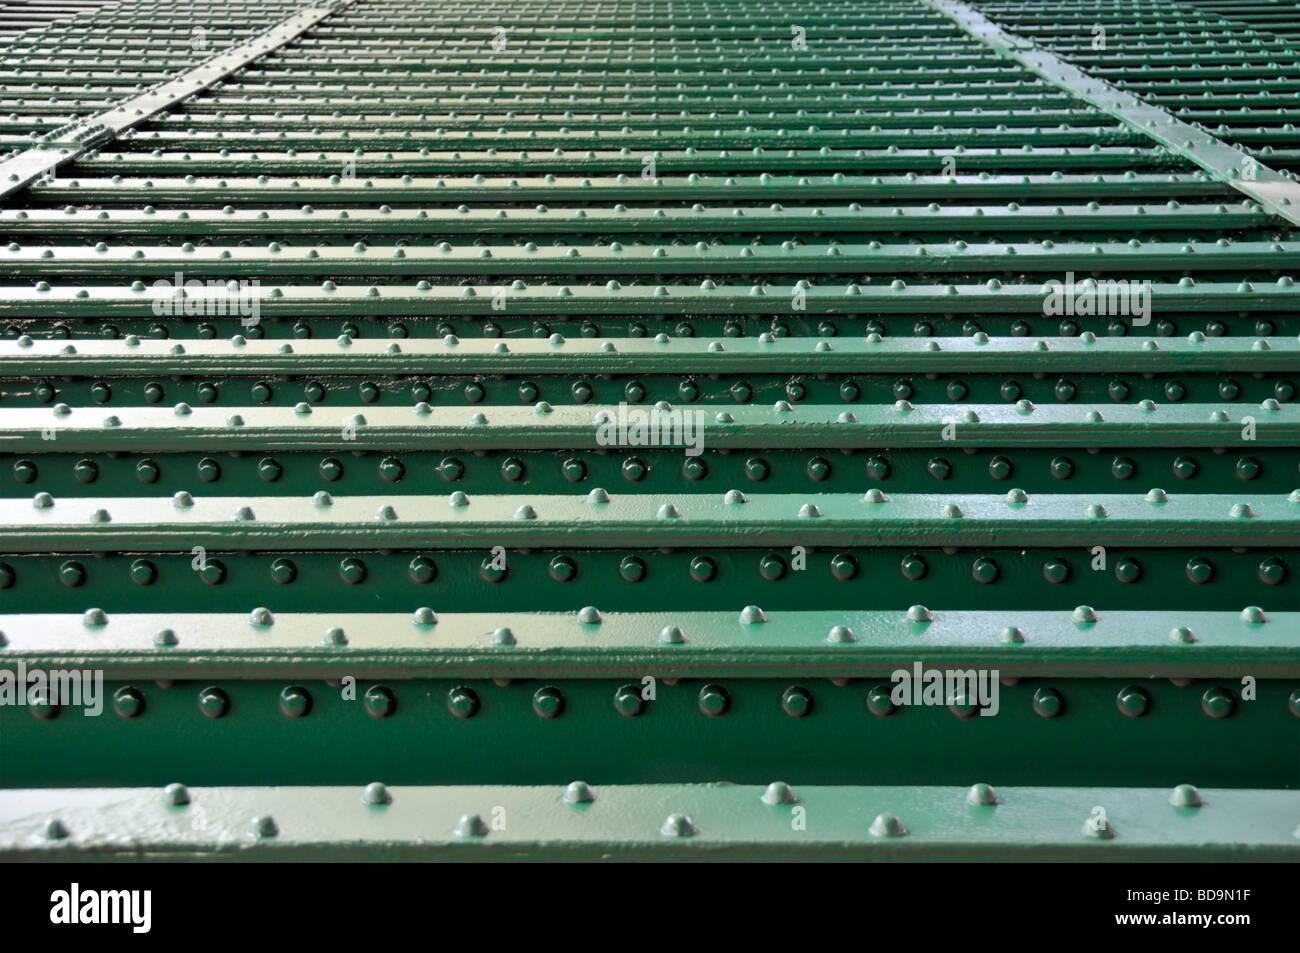 Linien von Nieten in Stahlträger auf Unterseite der Eisenbahn Brücke über Fluß nahe bis invertiert Stockfoto